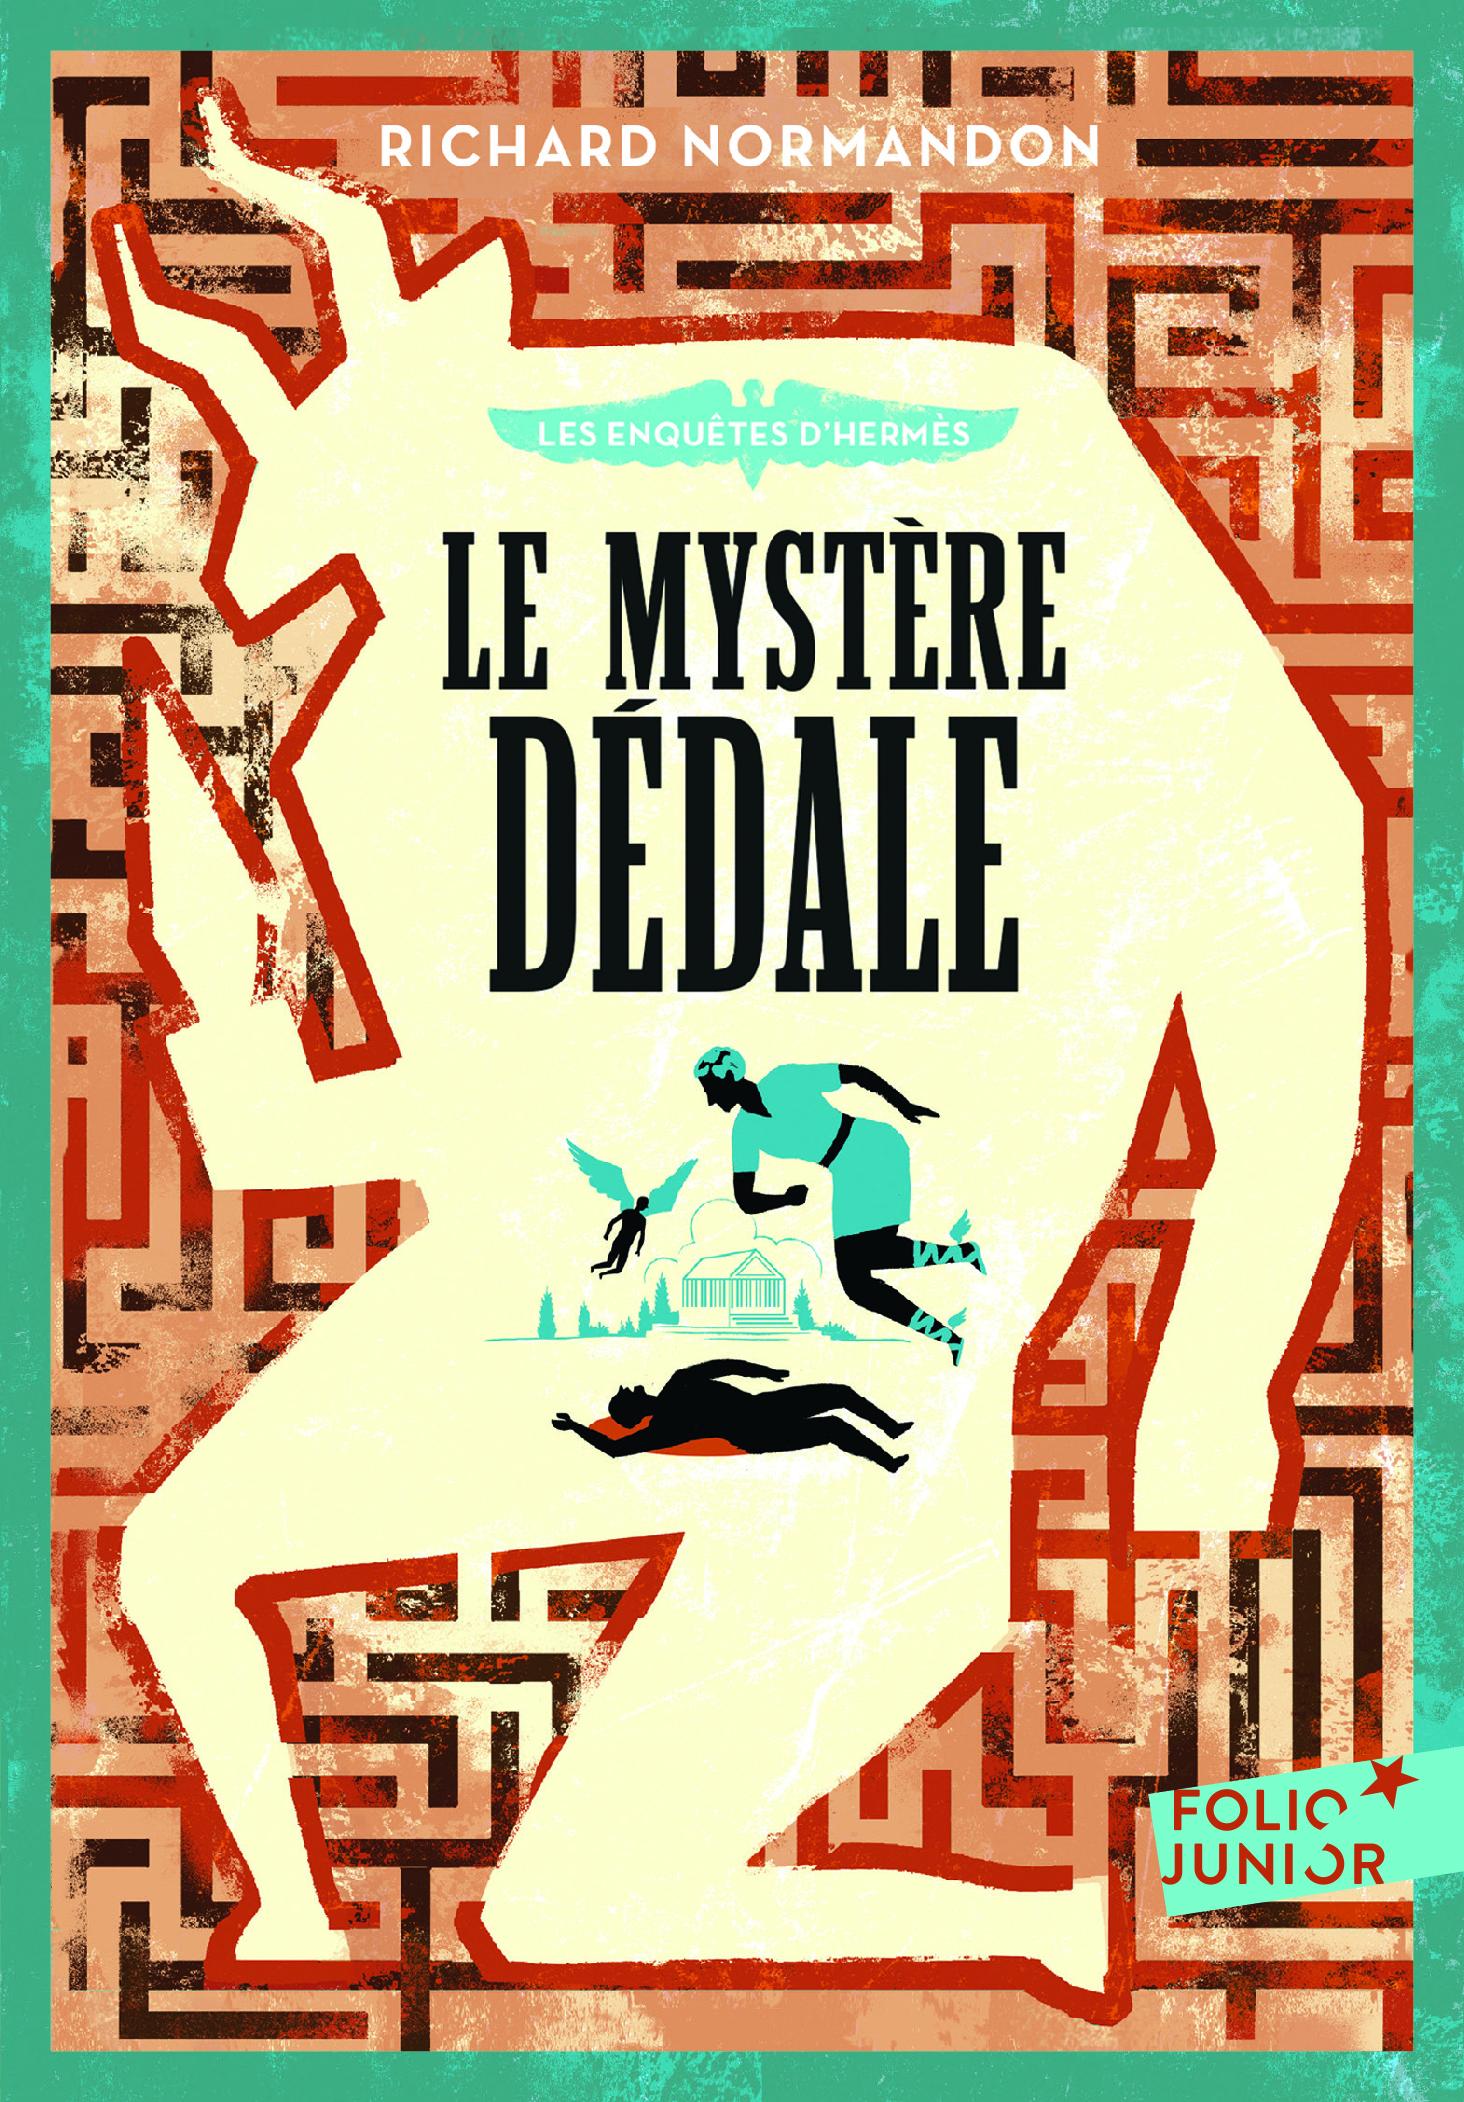 LES ENQUETES D'HERMES 1 - LE MYSTERE DEDALE